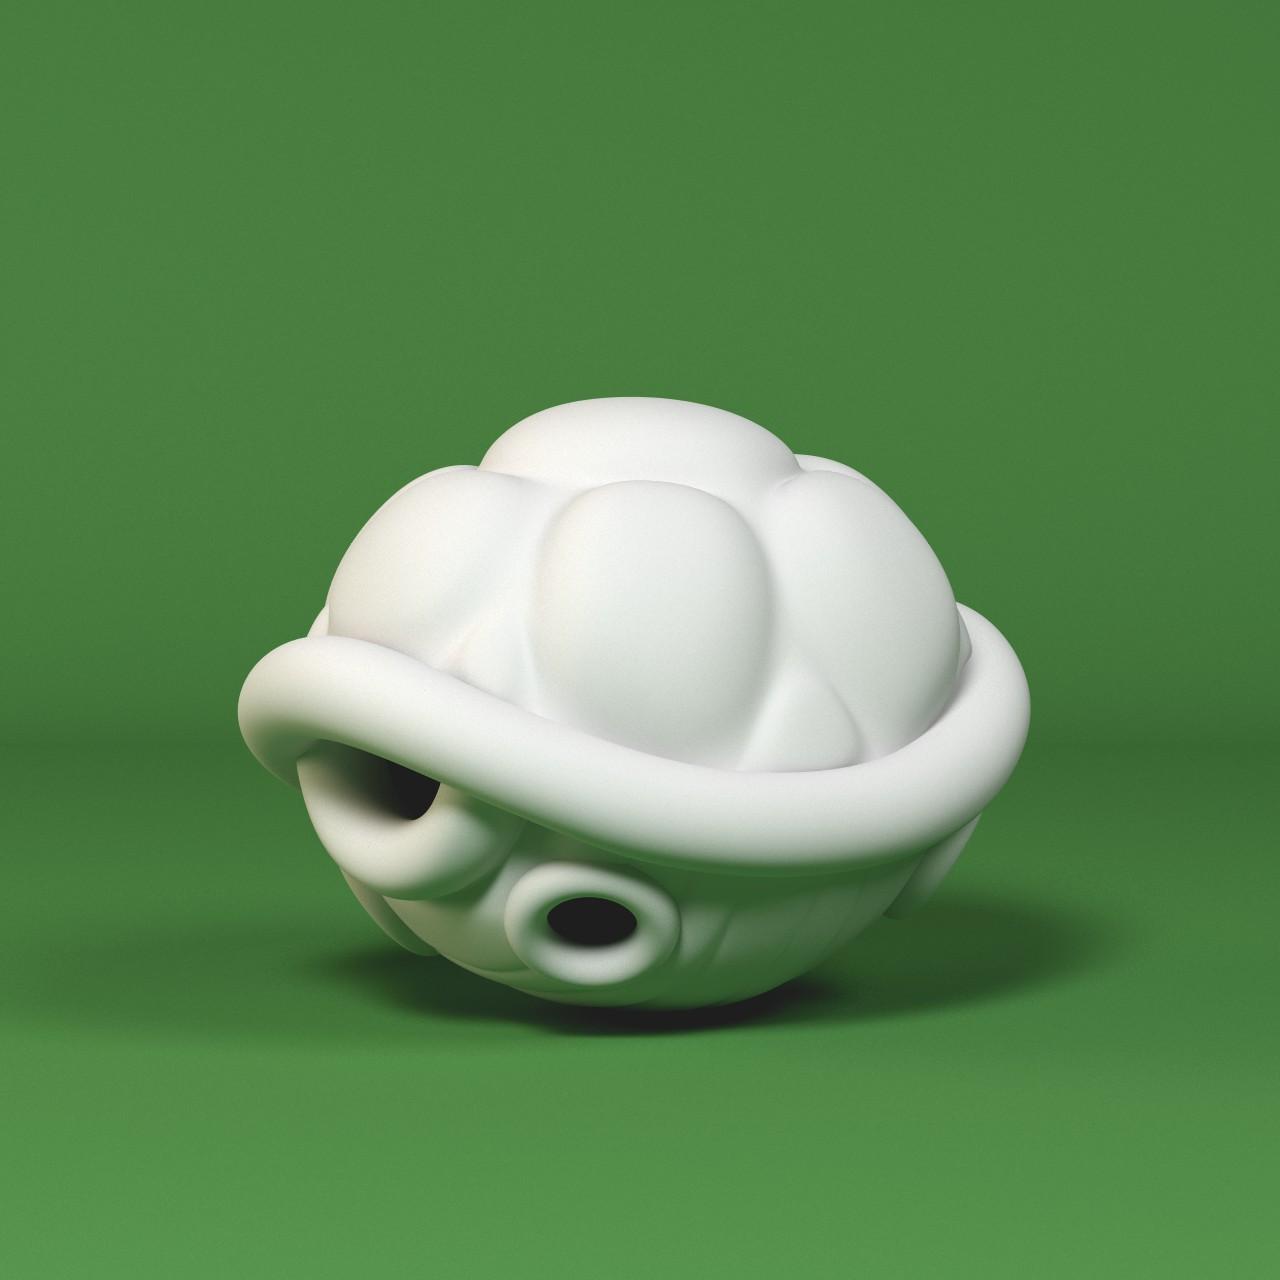 turtle_1_1.jpg